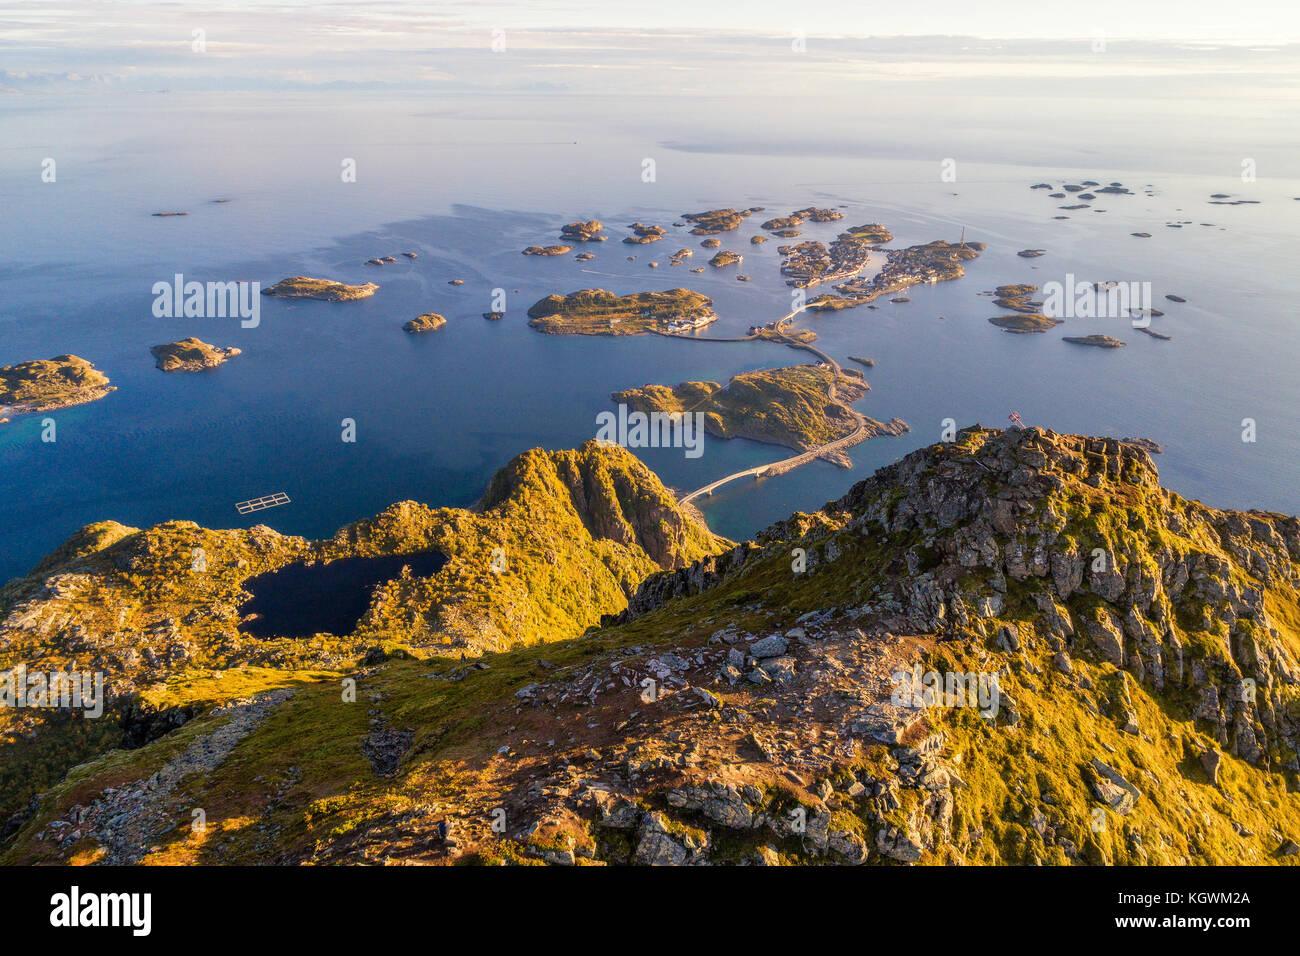 Top of mount Festvagtinden on Lofoten islands in Norway Stock Photo